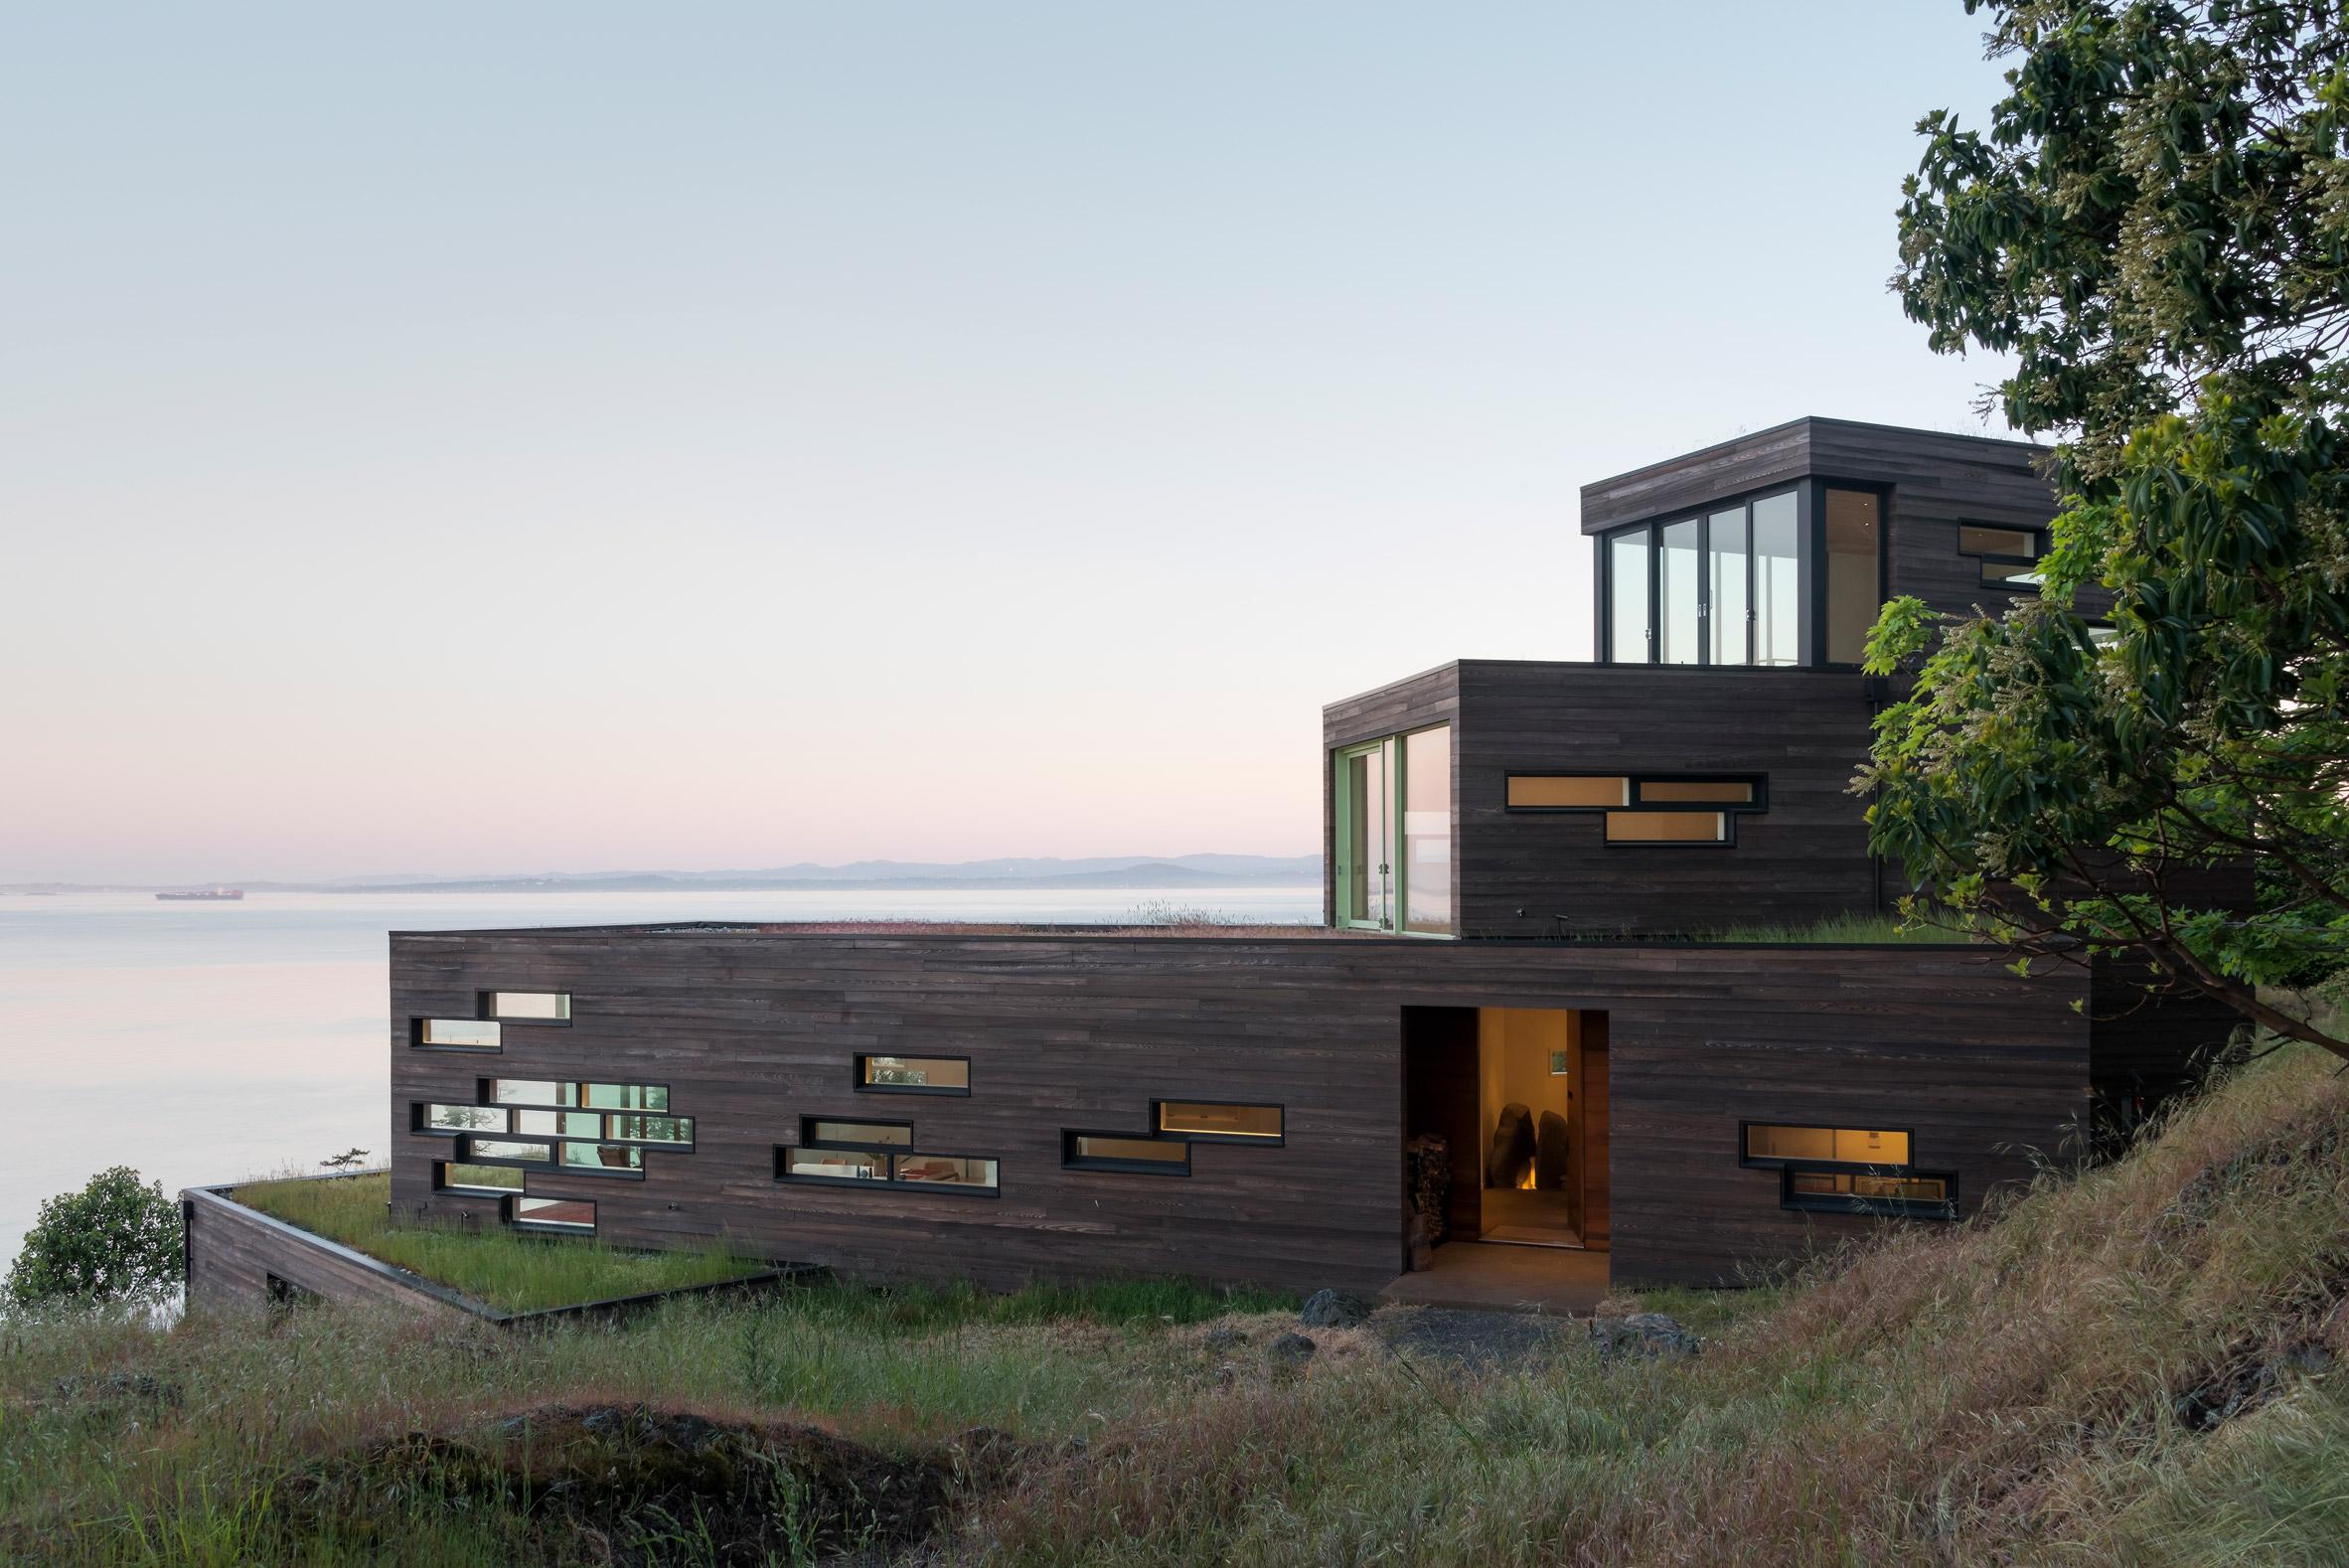 Oceanfront modern house cascades down a rocky hill